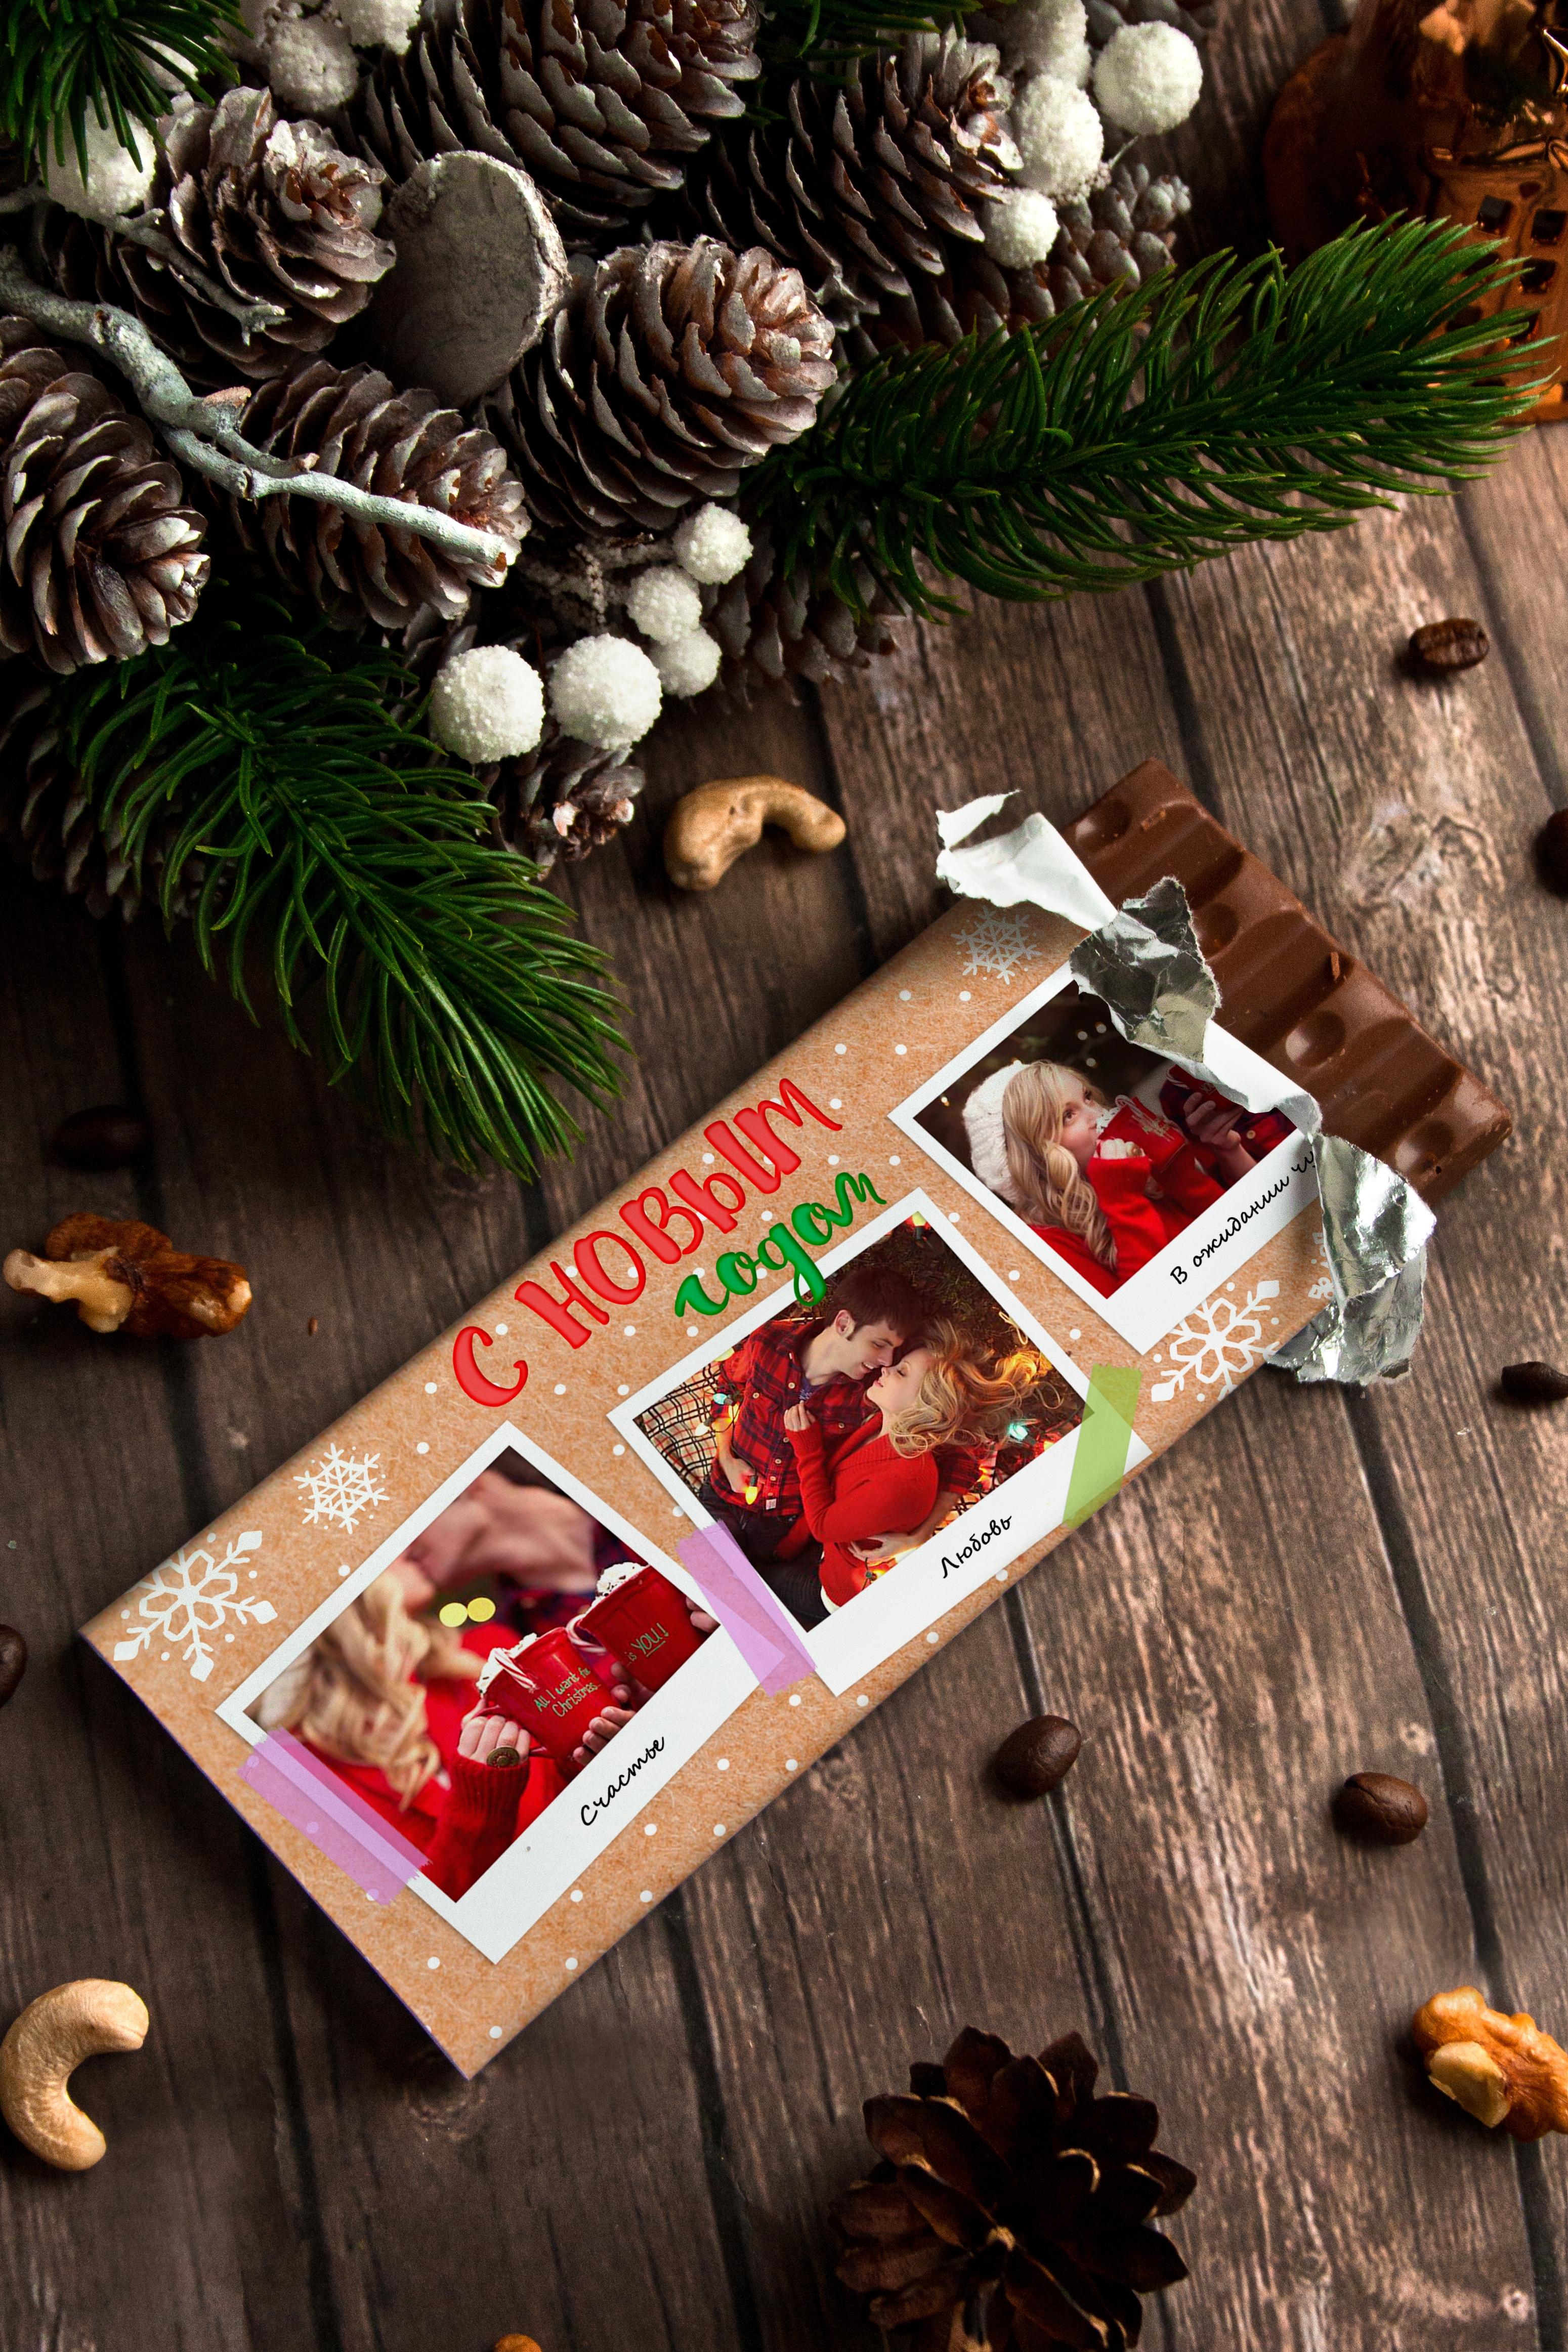 Шоколад молочный с орехом и изюмом КрафтовыйСувениры и упаковка<br>Молочный шоколад с изюмом и орехами в персональной именной упаковке будет приятным сувениром для сладкоежки! Масса - 90г.<br>